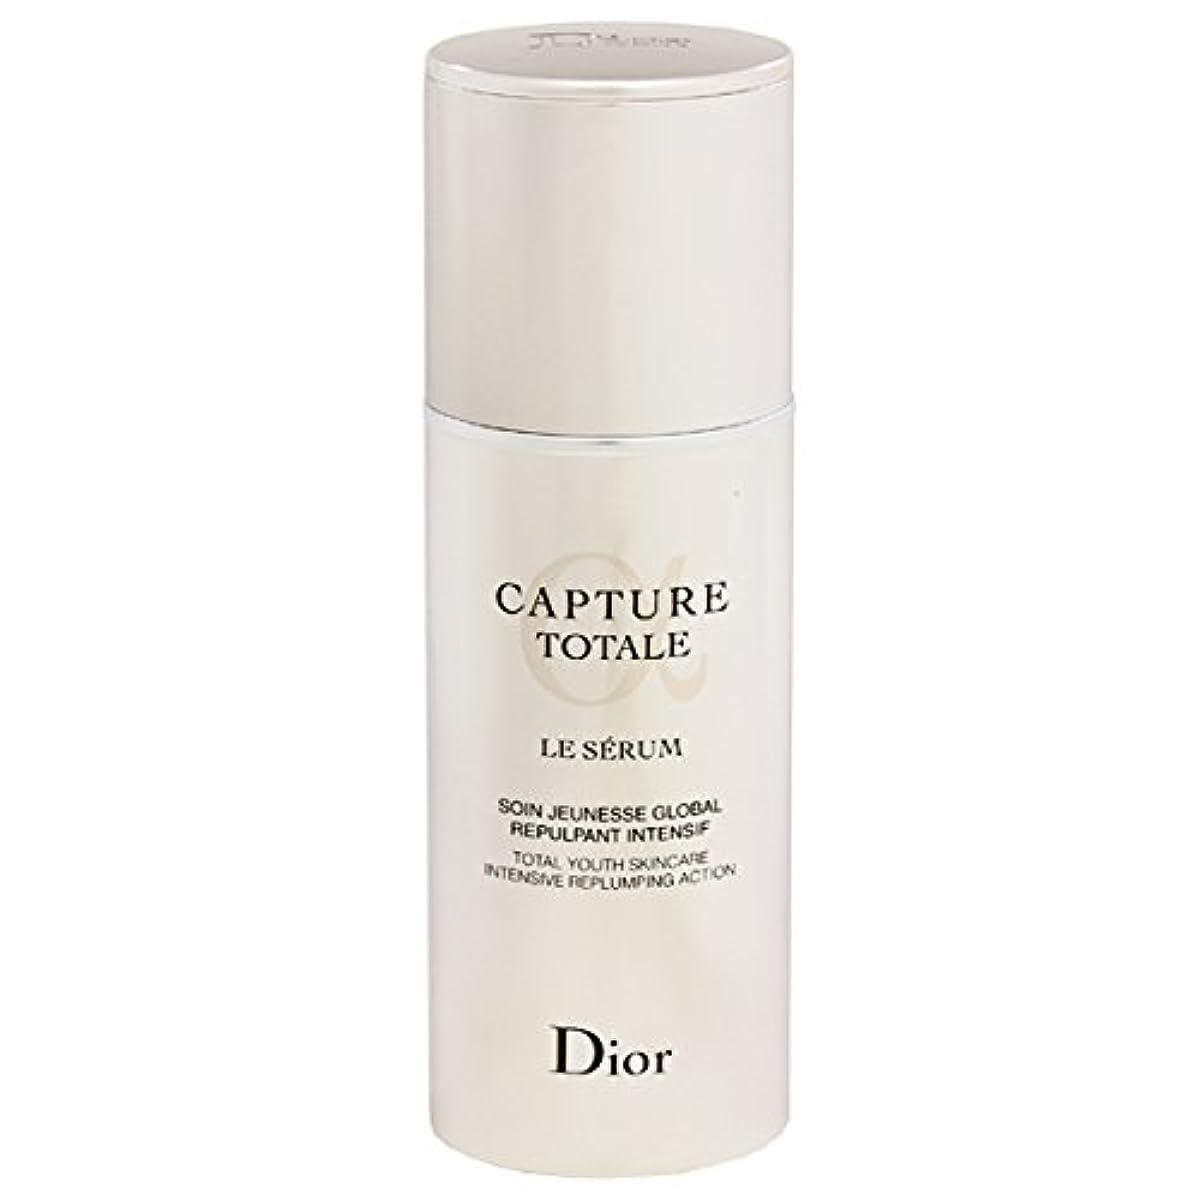 カスタム舌承認Dior カプチュールトータルコンセントレートセラム 50ml [224963] [並行輸入品]